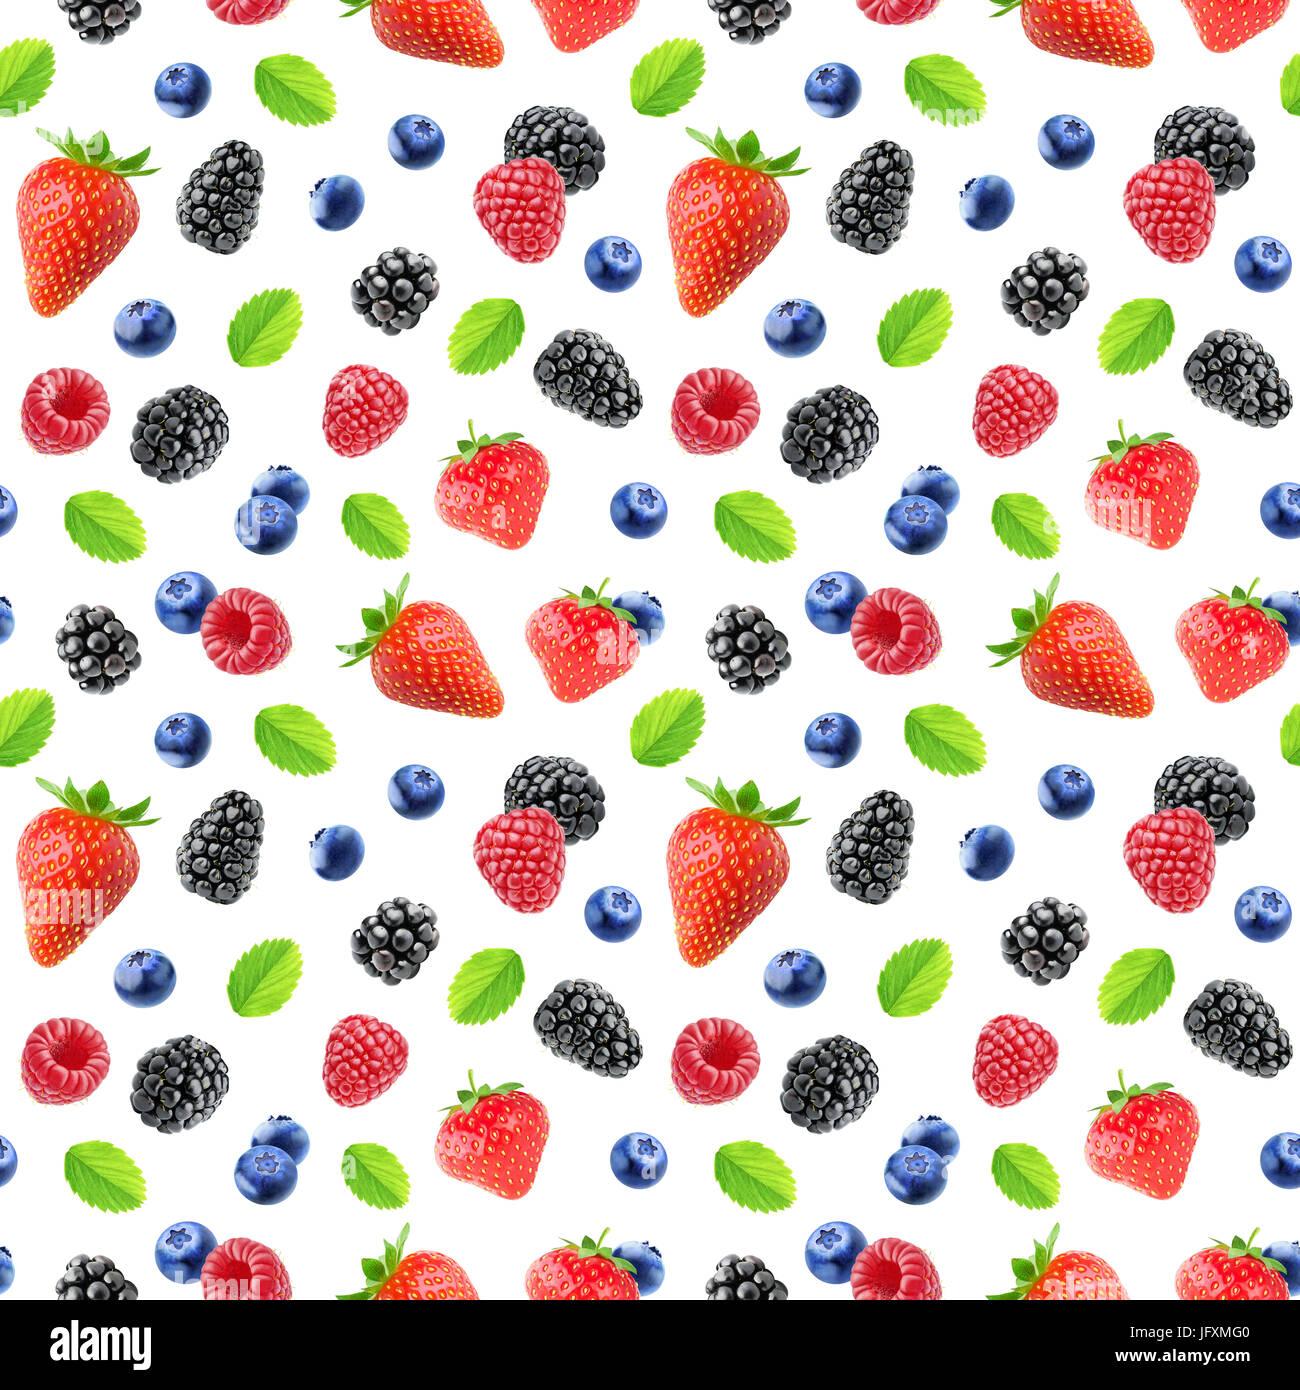 Beeren-Muster. Nahtlose Hintergrund mit Erdbeere, Brombeere, Himbeere und Heidelbeere Früchten isoliert auf weißem Stockfoto